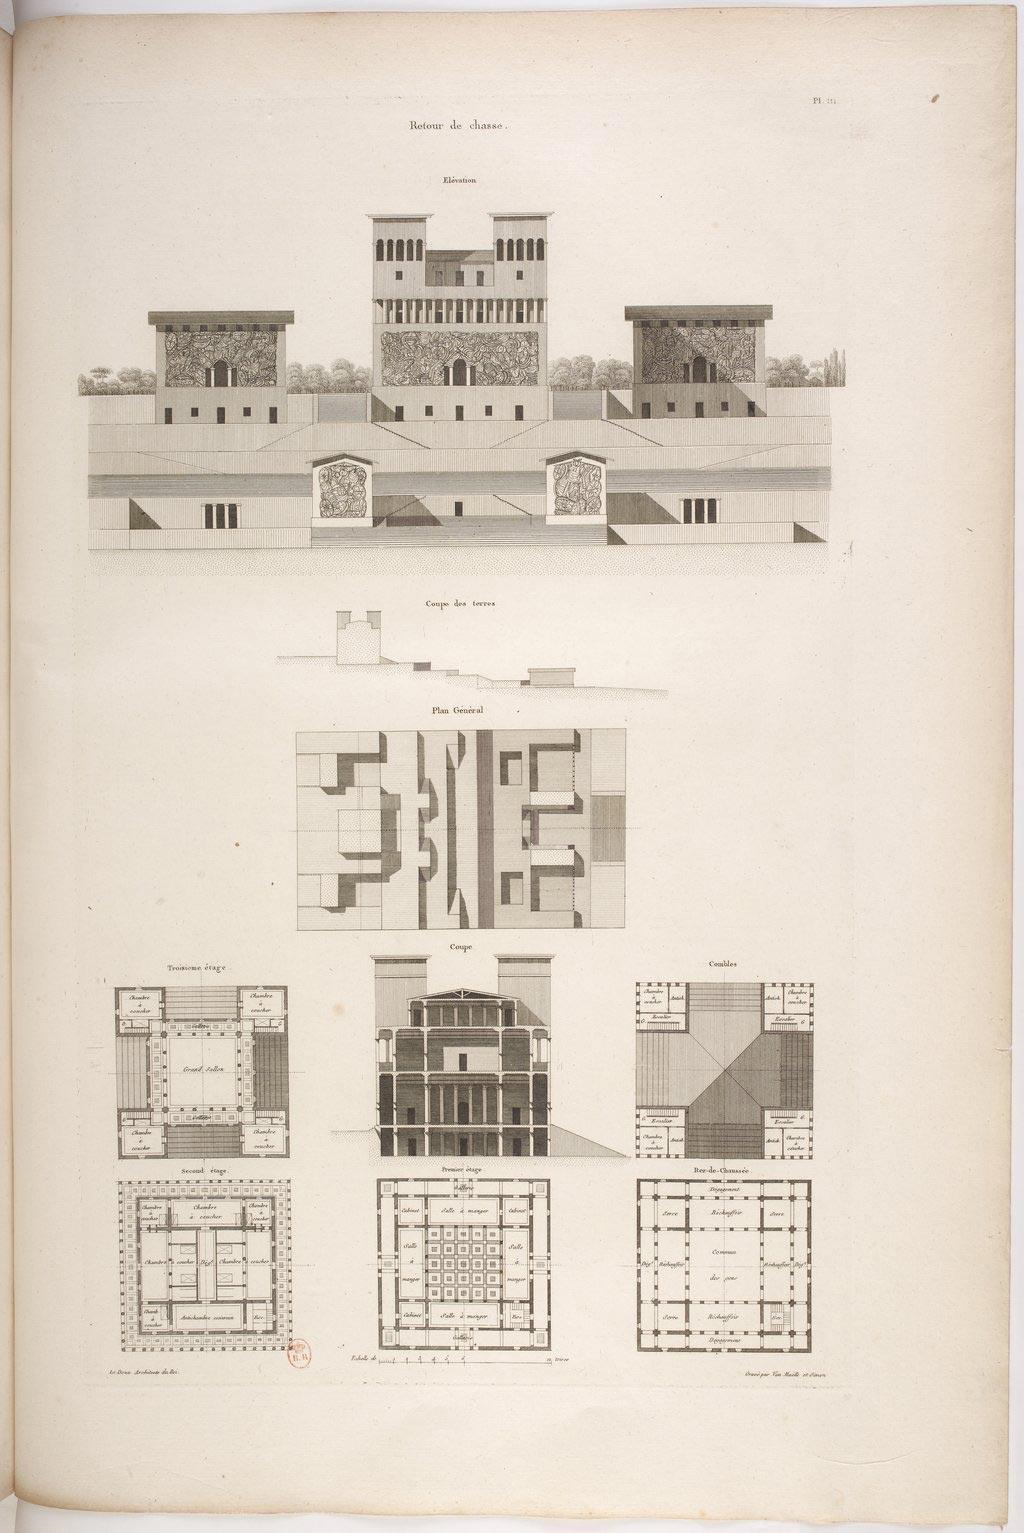 ledoux-claude-architecture-453